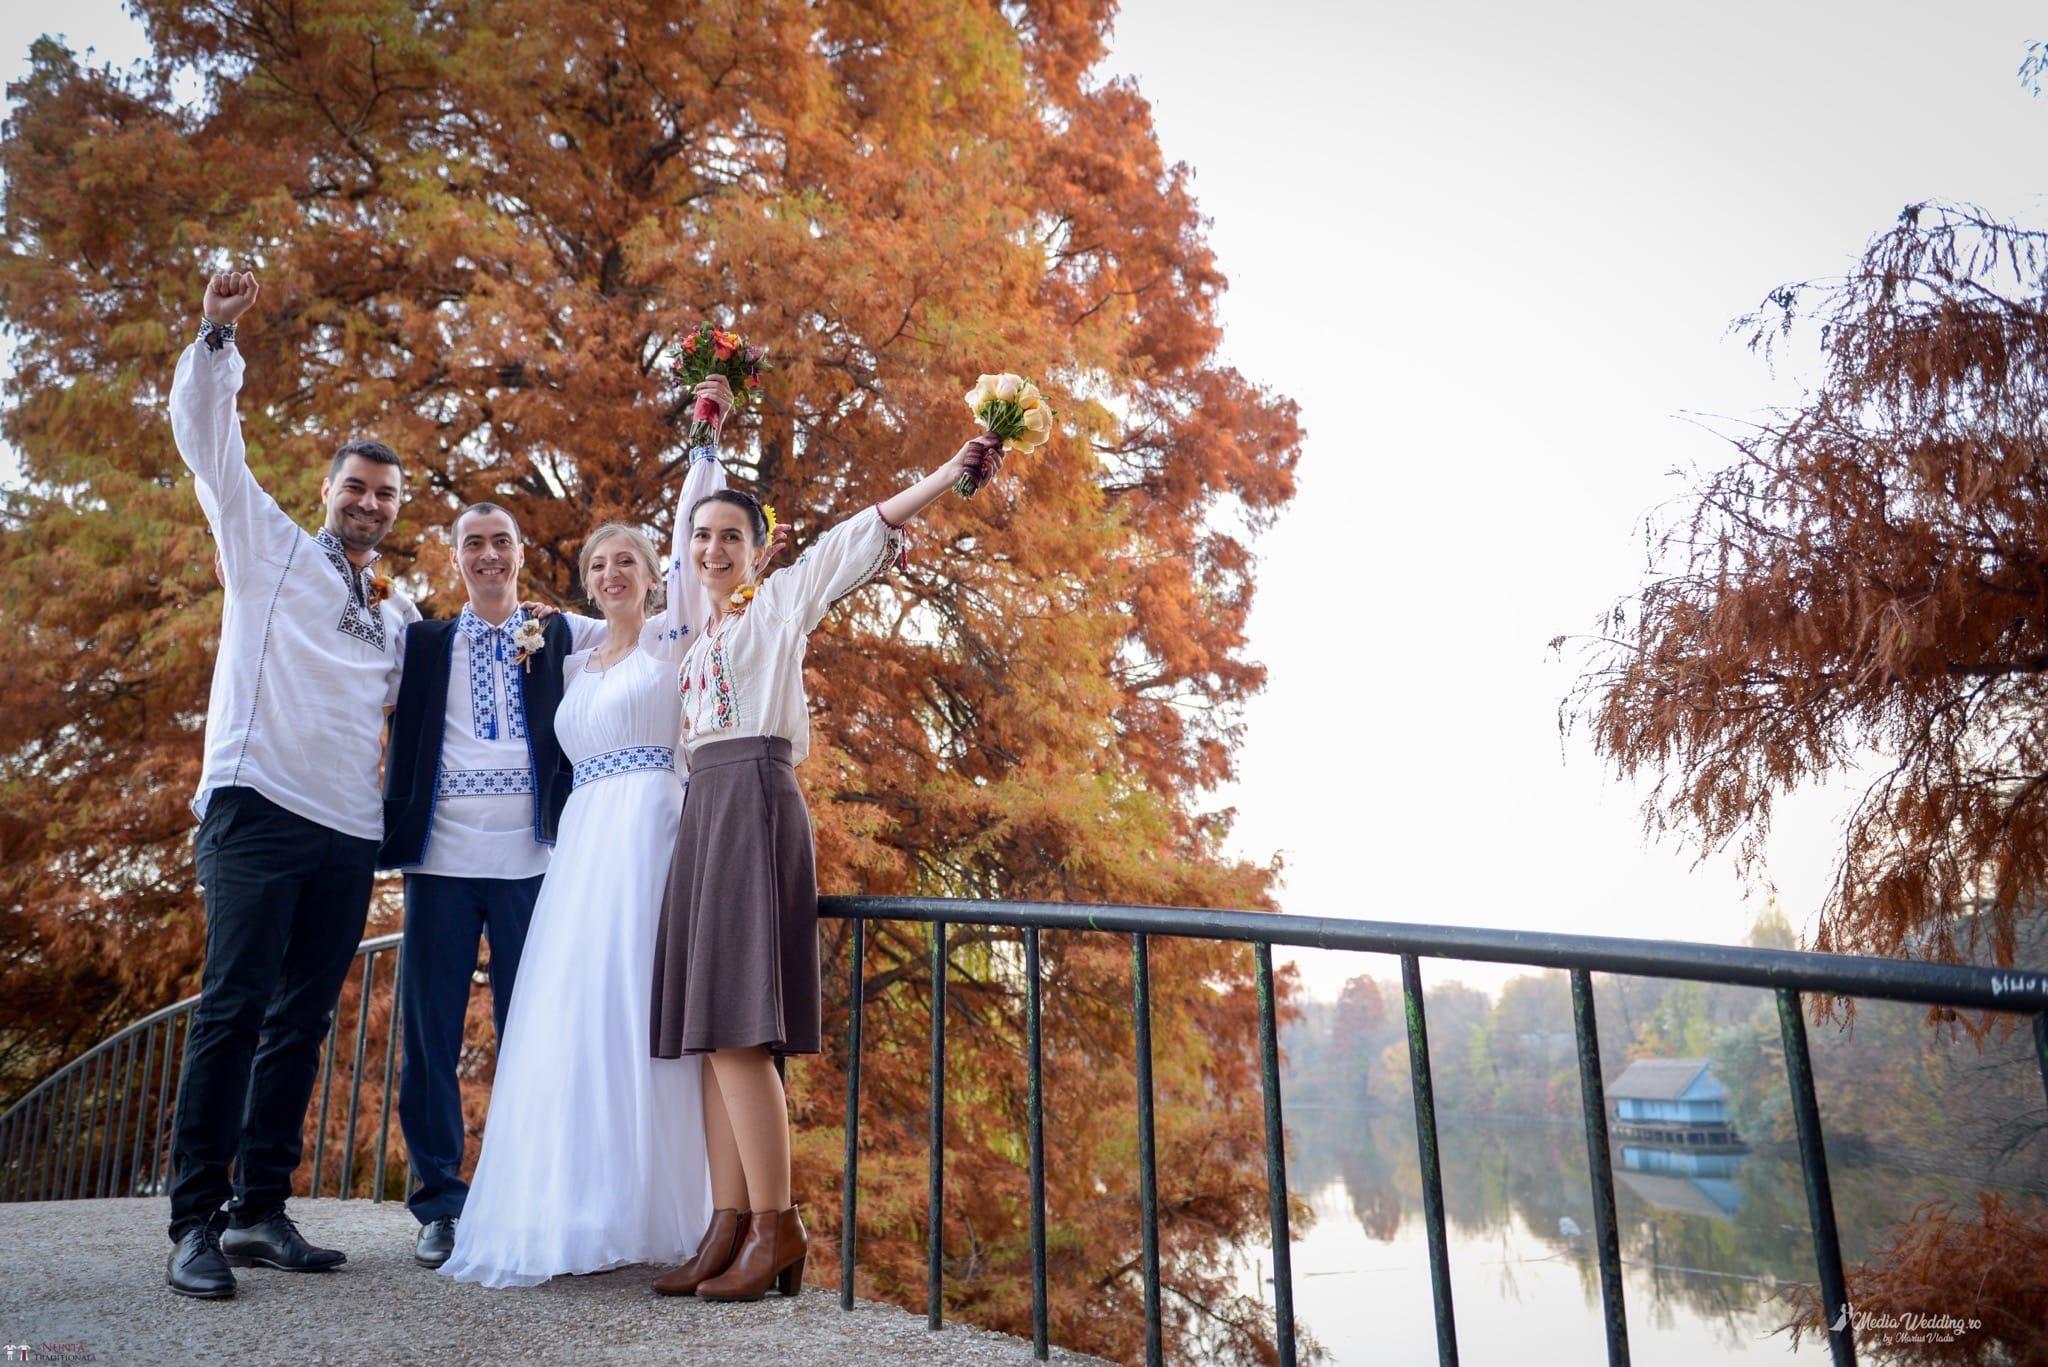 Povești Nunți Tradiționale - Alina-Maria și Ilie, nuntă tradițională în București 33